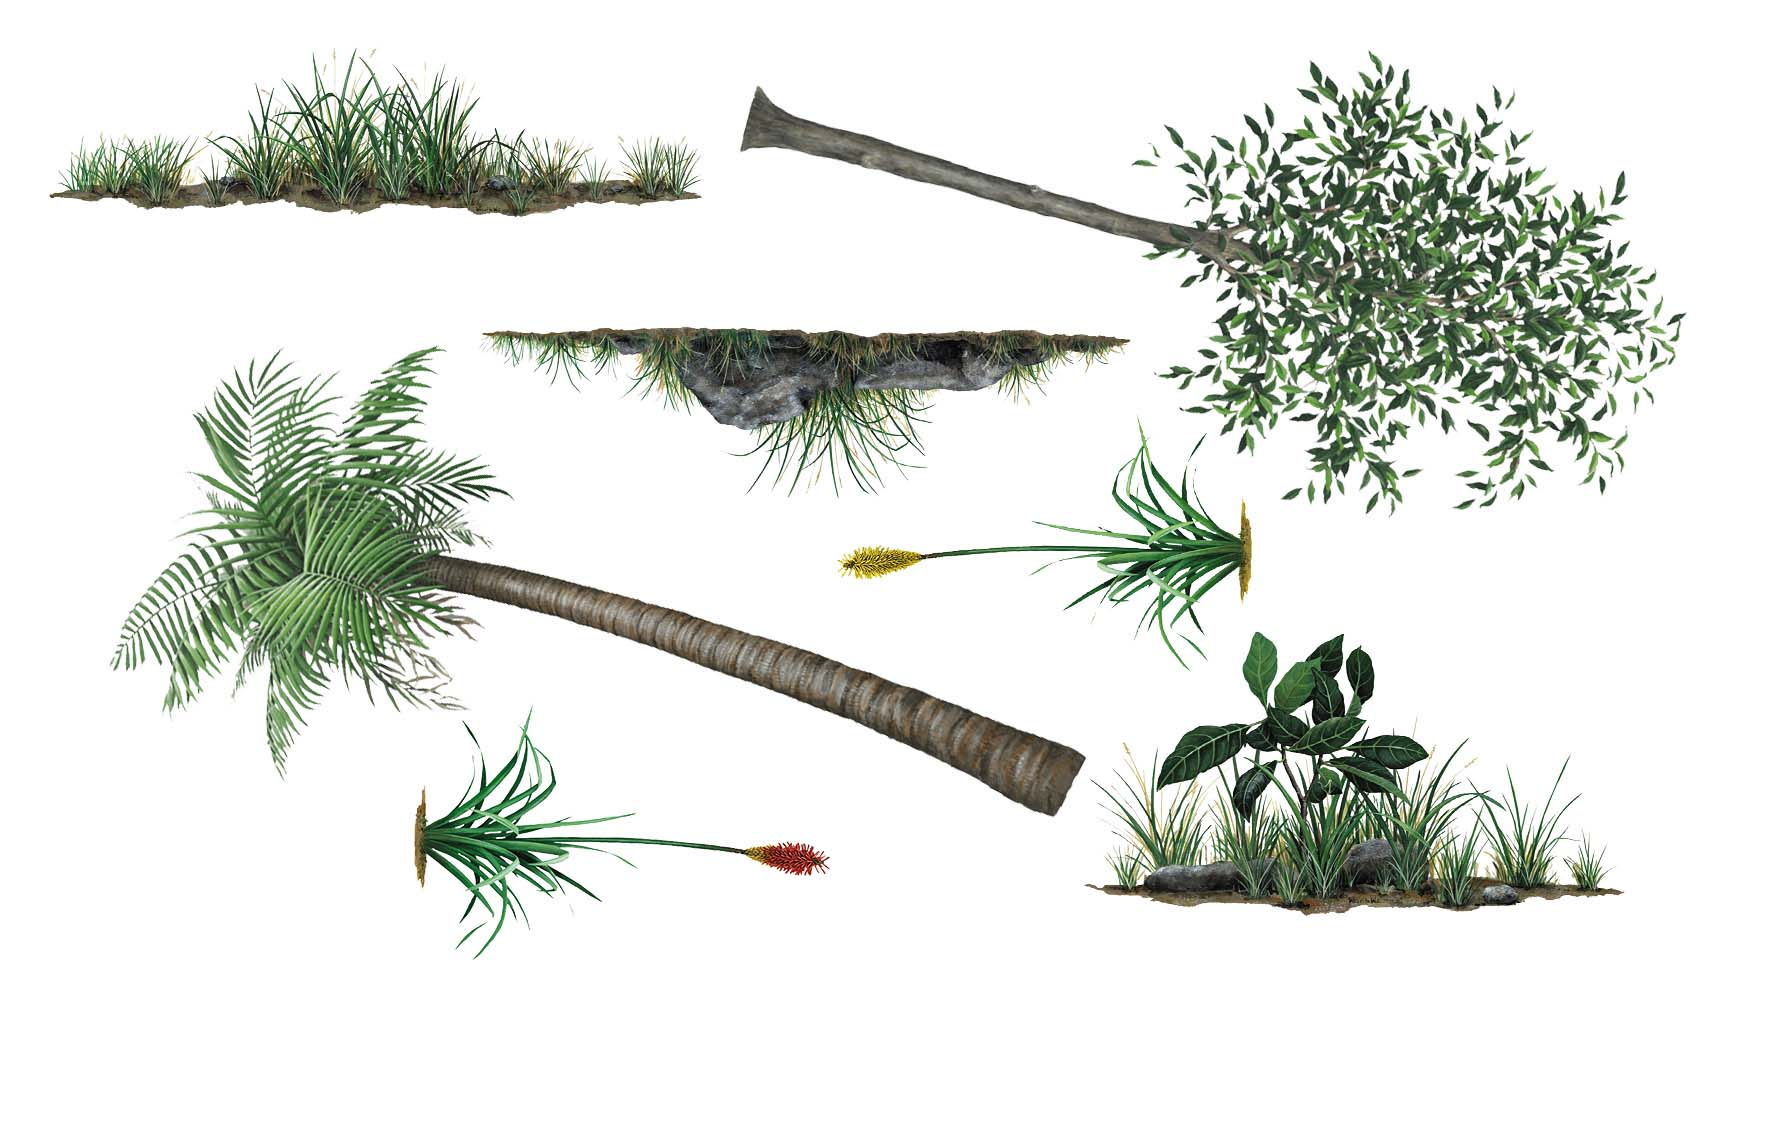 Beeindruckend Wandtattoo Gras Ideen Von